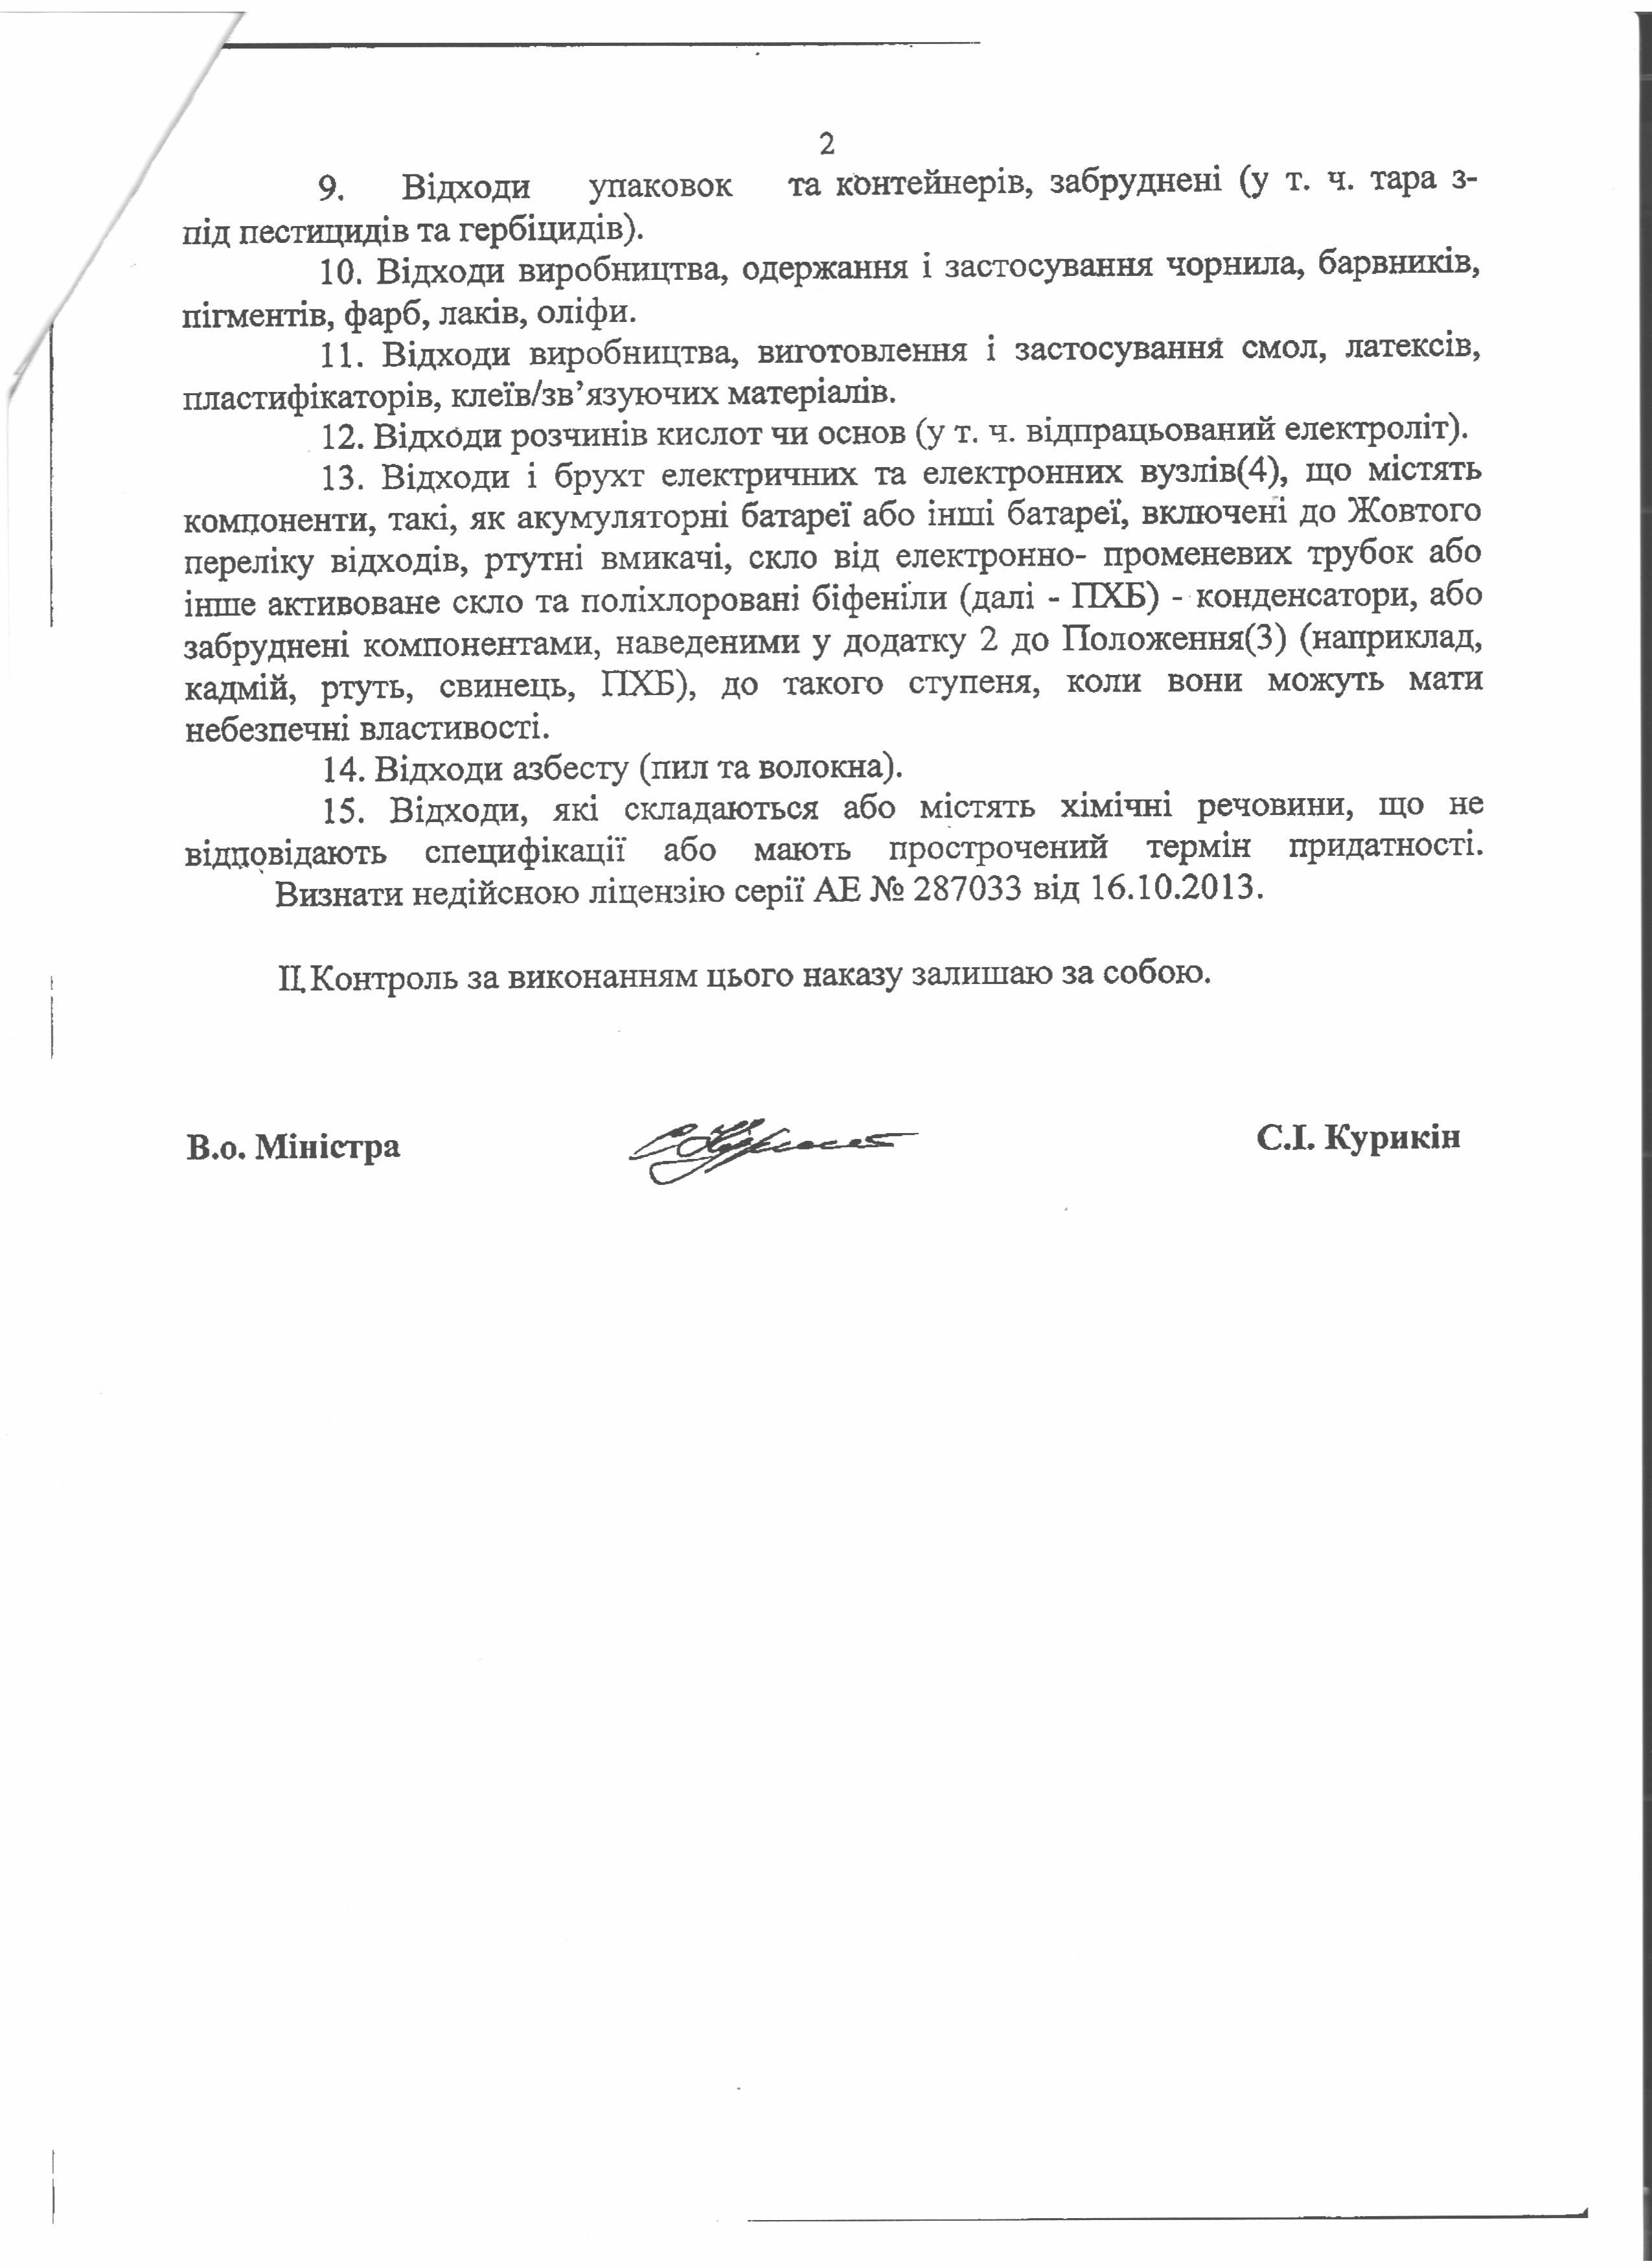 Приказ Минприроды Украины, про переоформление лицензии ООО ЮрЛицо 2 стр.